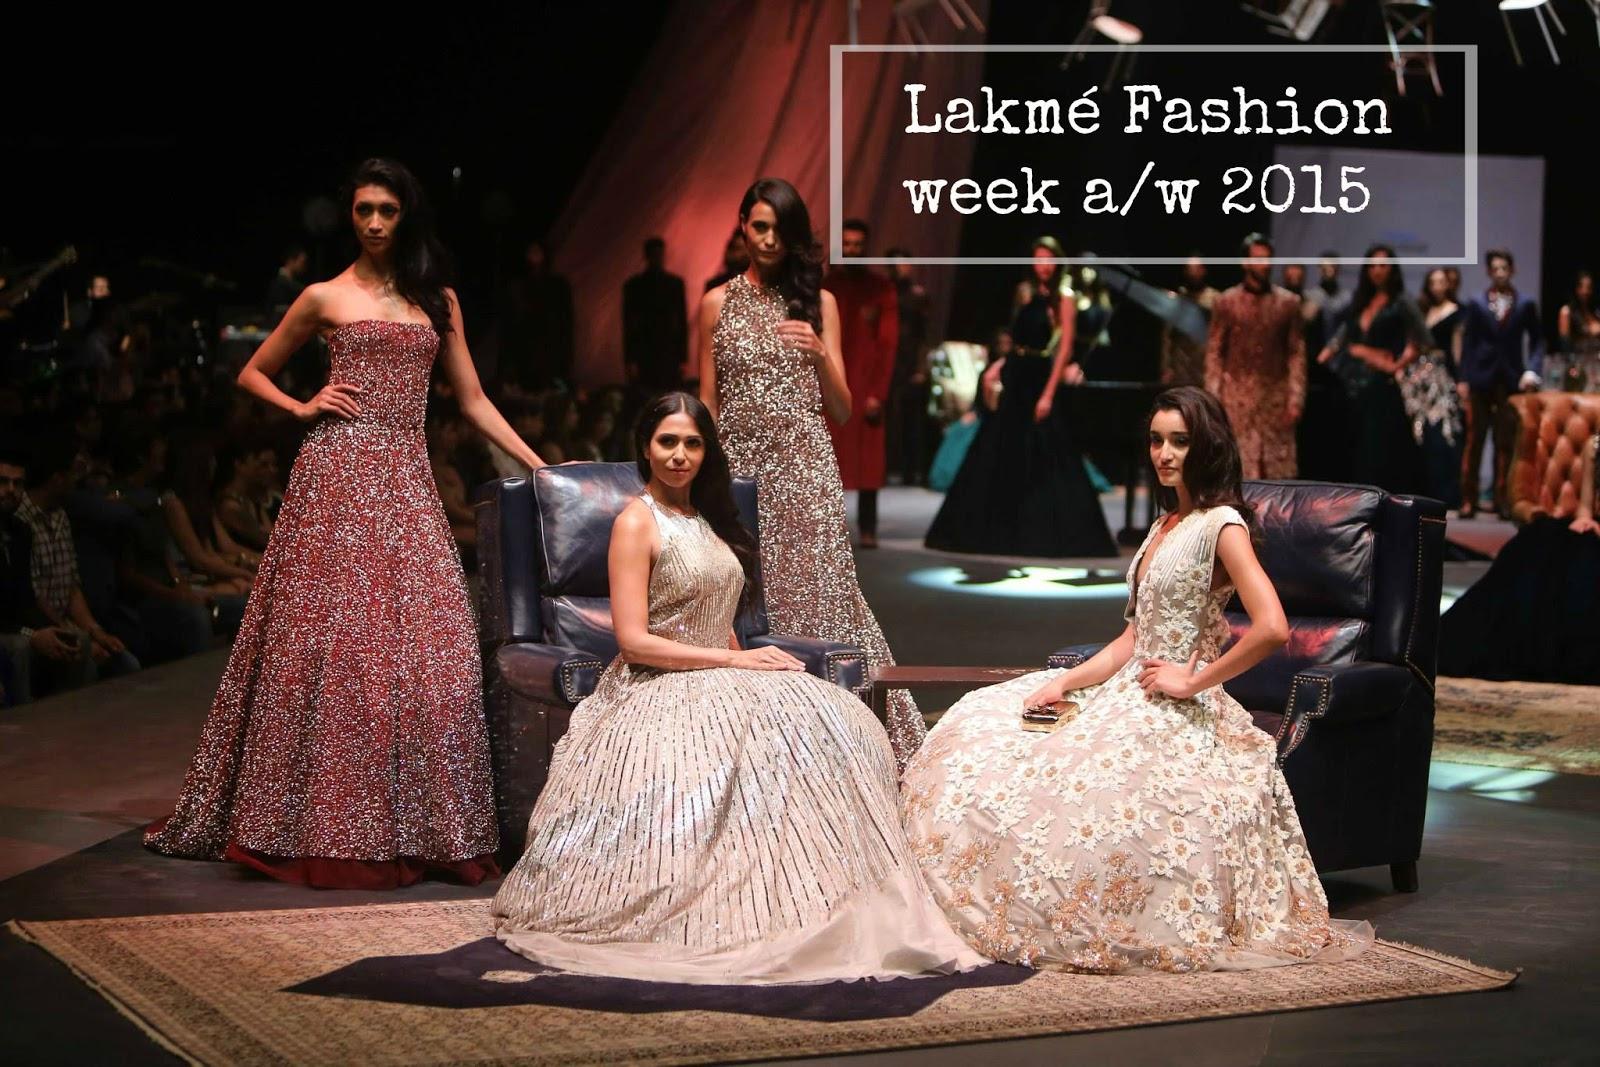 Manish Malhotra Lakmé Fashion week a/w 2015